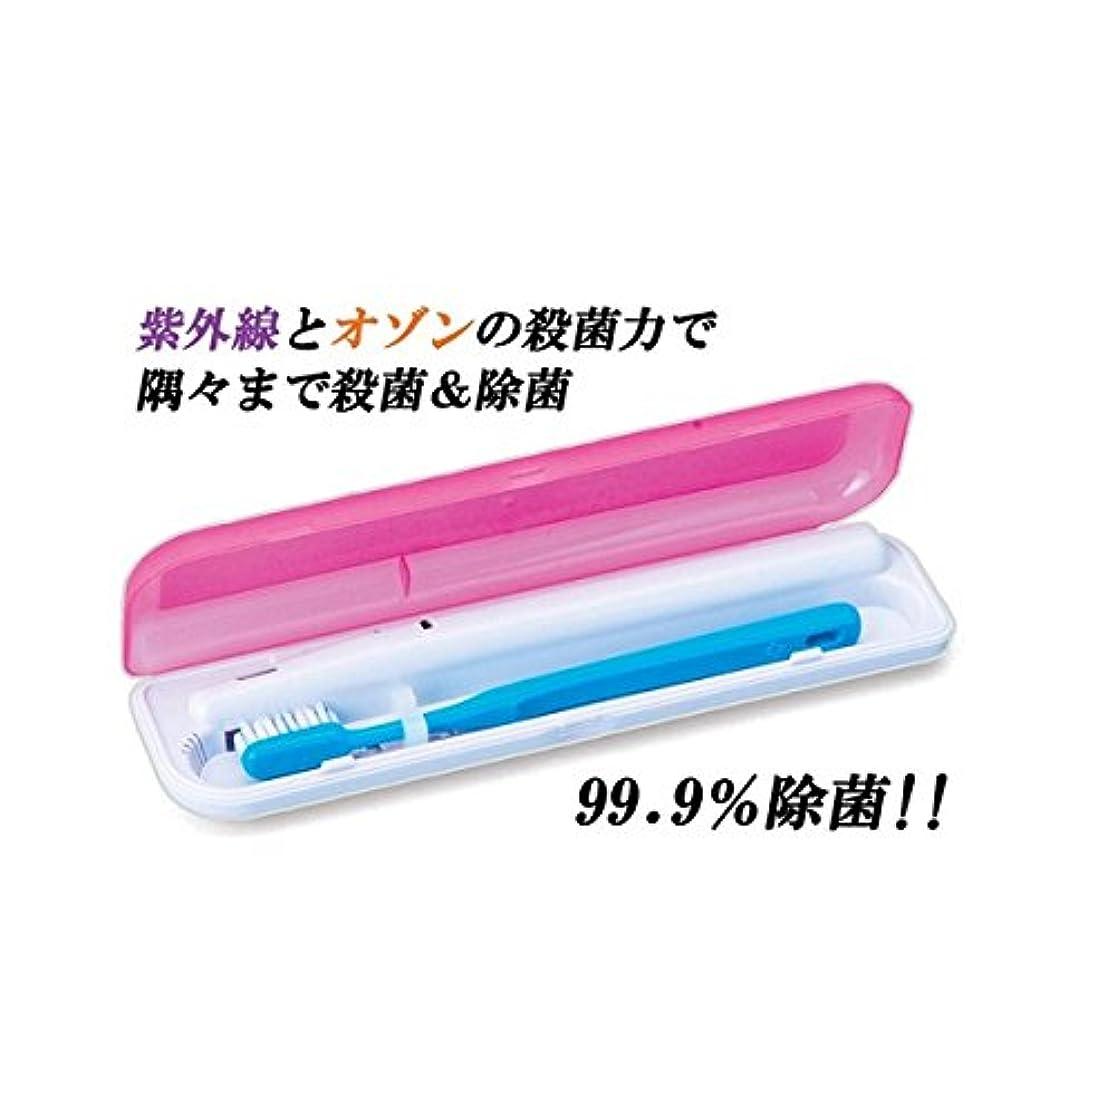 弓プログラムマイク除菌歯ブラシ携帯ケース